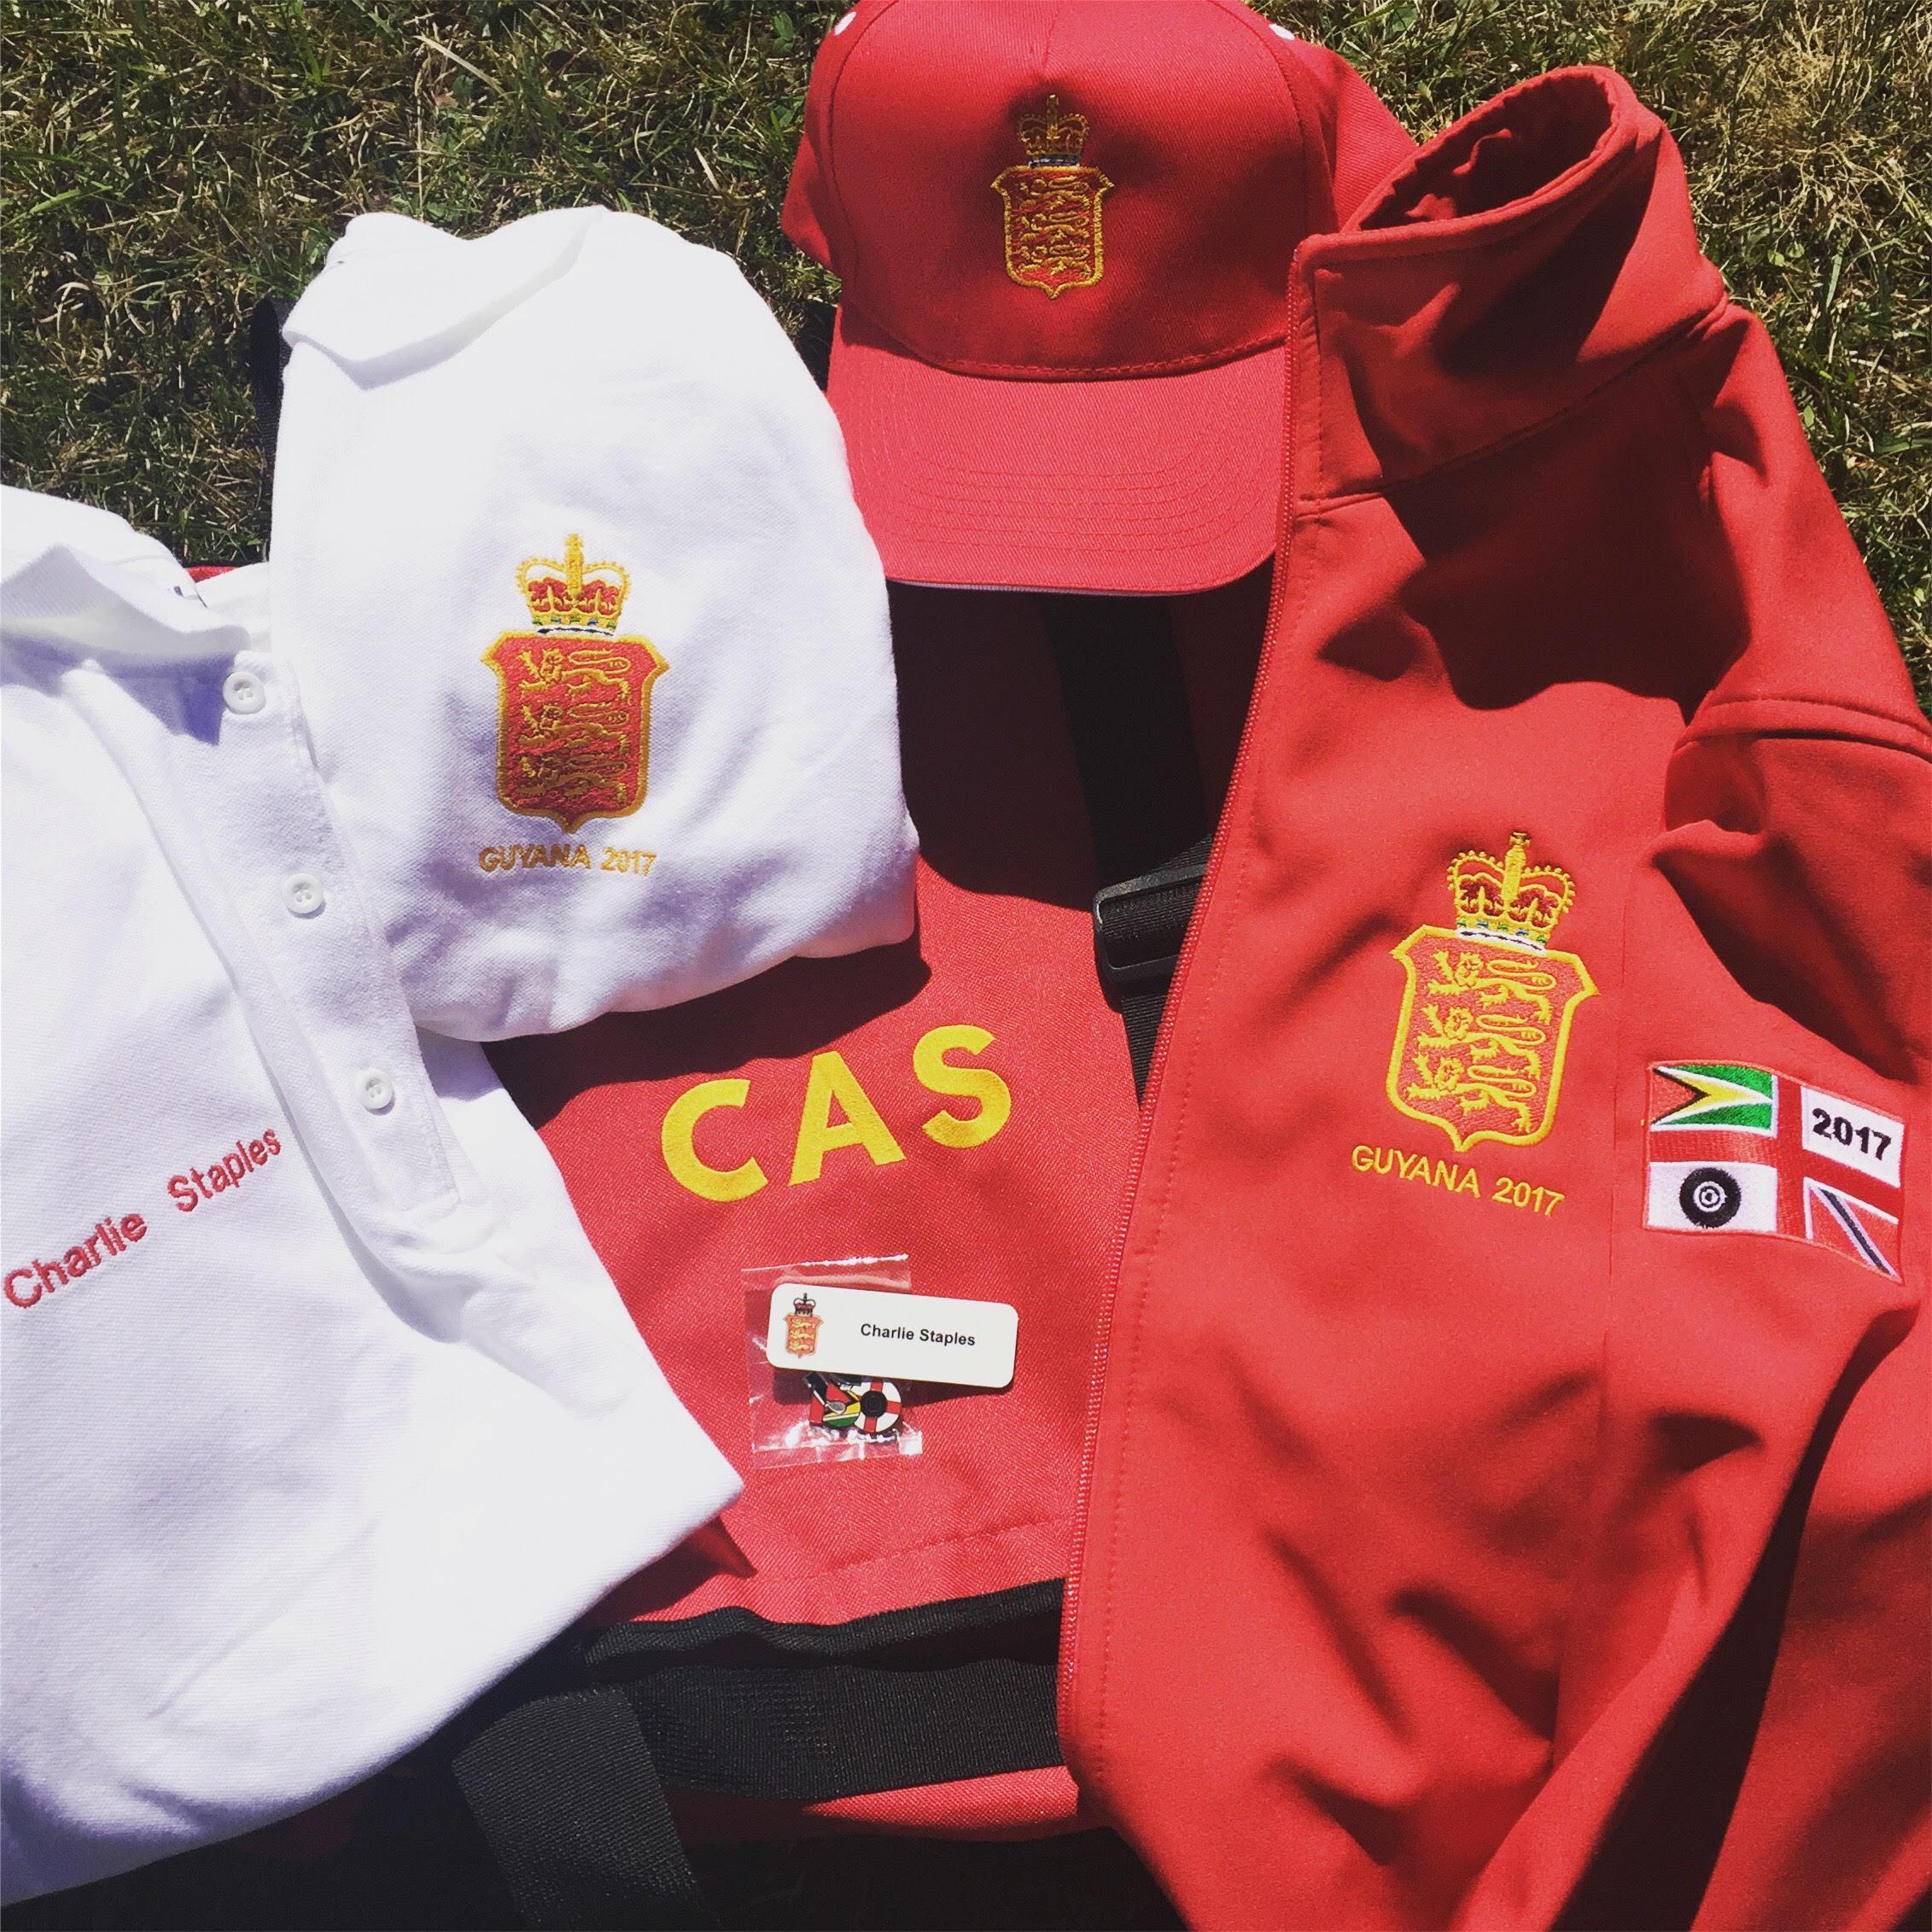 Guyana team kit